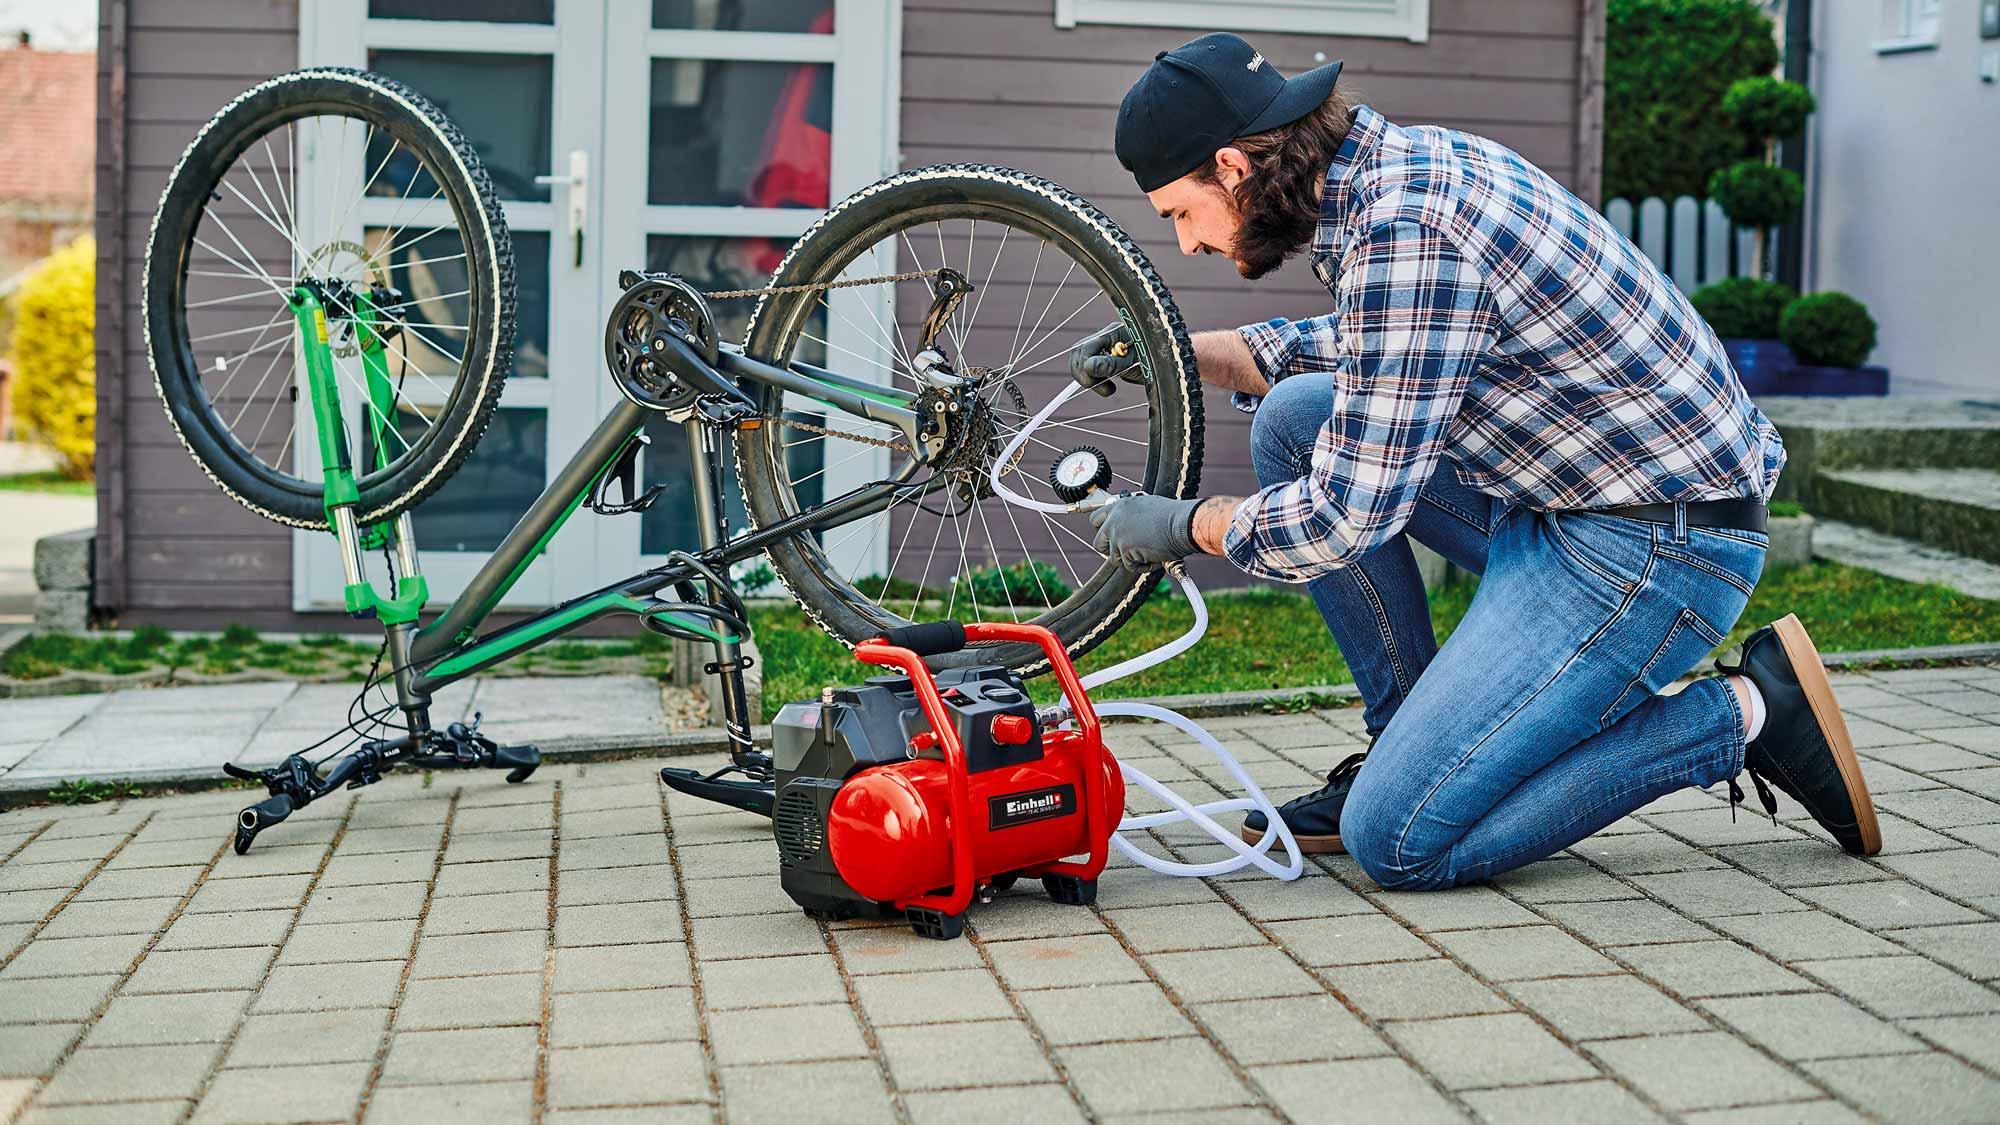 Batterie Power X-Change Einhell per pompa autoadescante e compressore